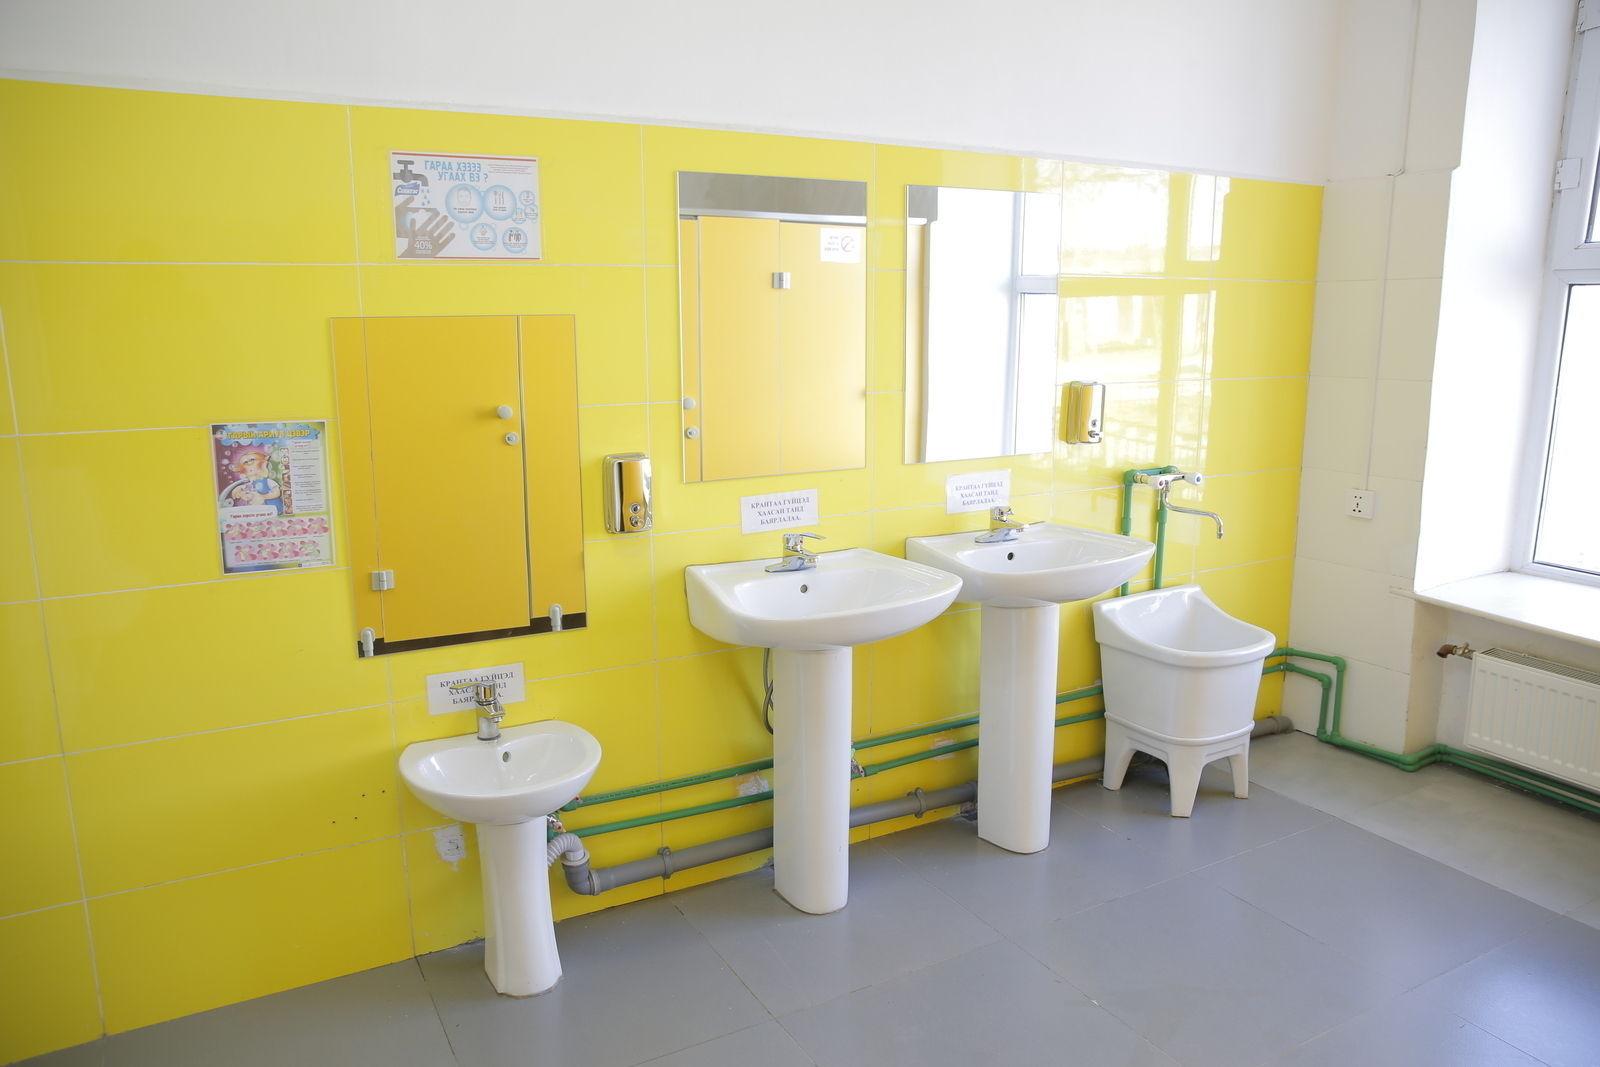 54 сургууль, цэцэрлэг, дотуур байрны ариун цэврийн байгууламжийг шинэчлэнэ